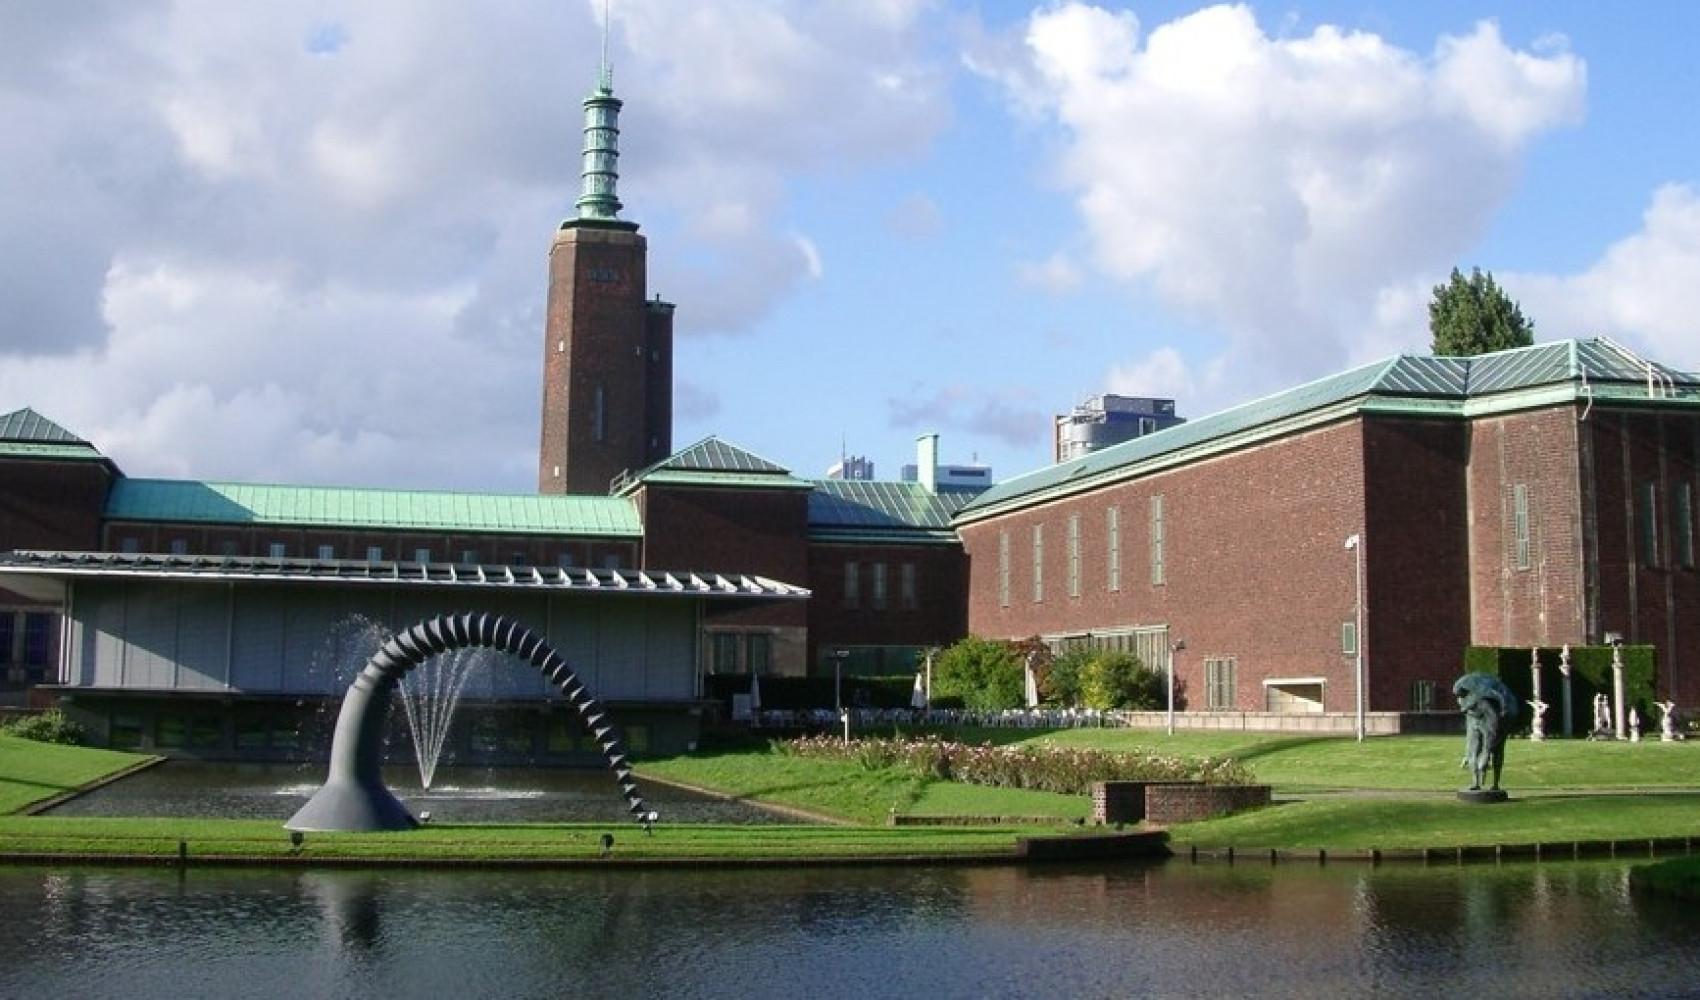 Collectie Boijmans ook te zien in Schiedam